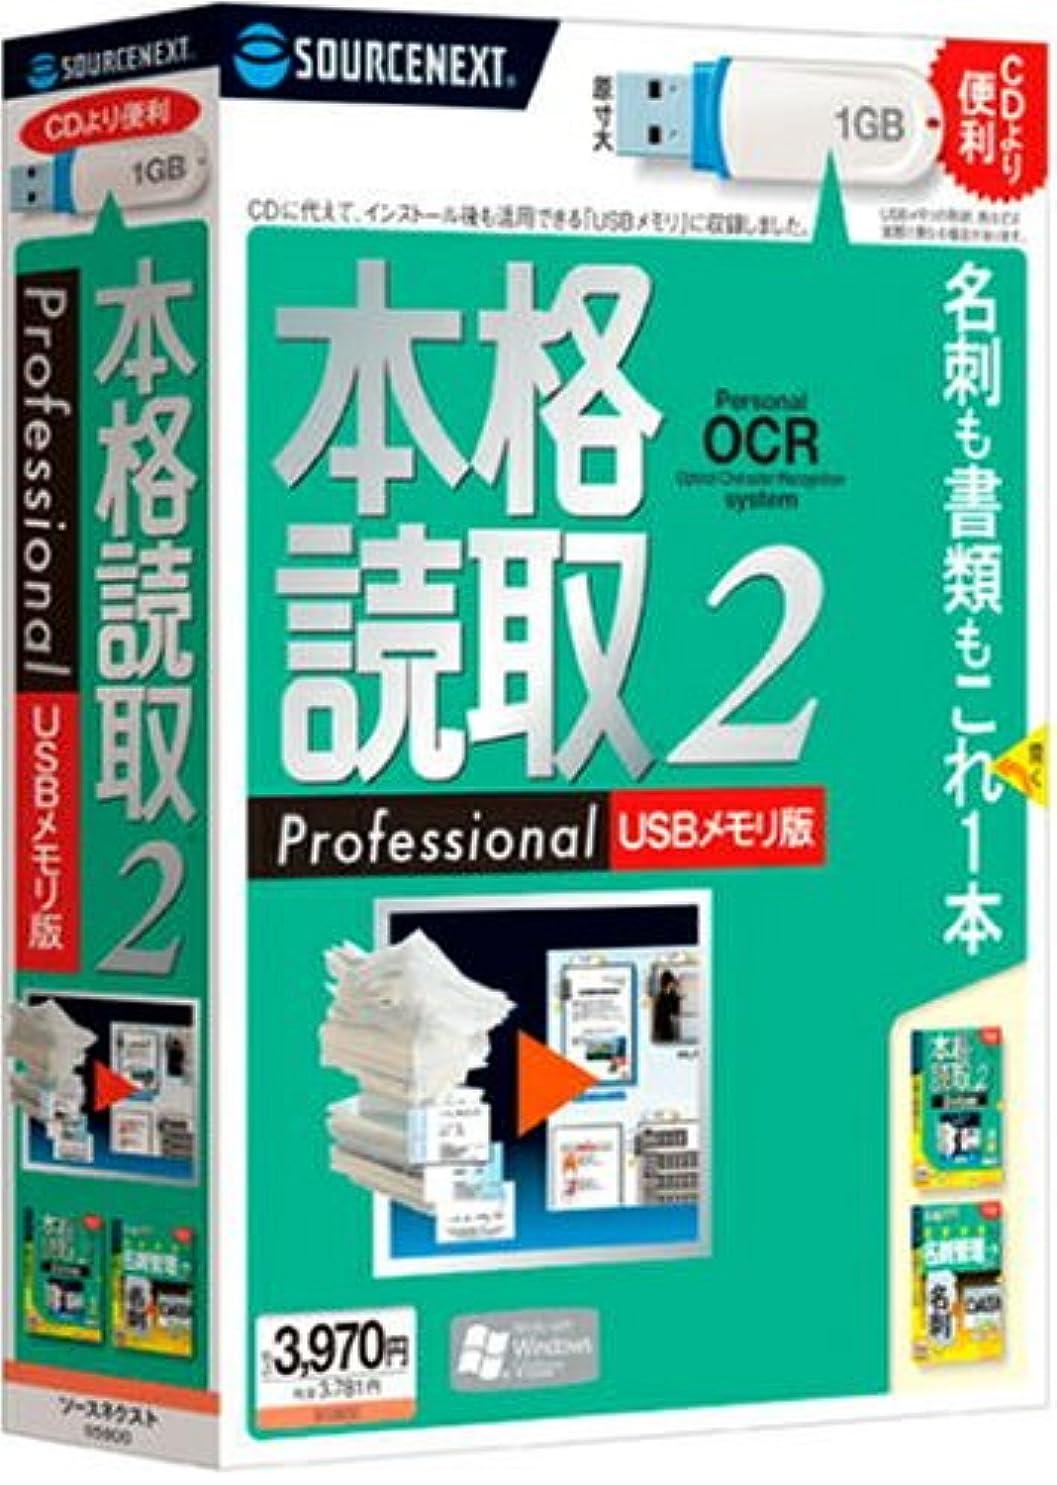 閉塞ホイスト安全でない本格読取 2 Professional USBメモリ版